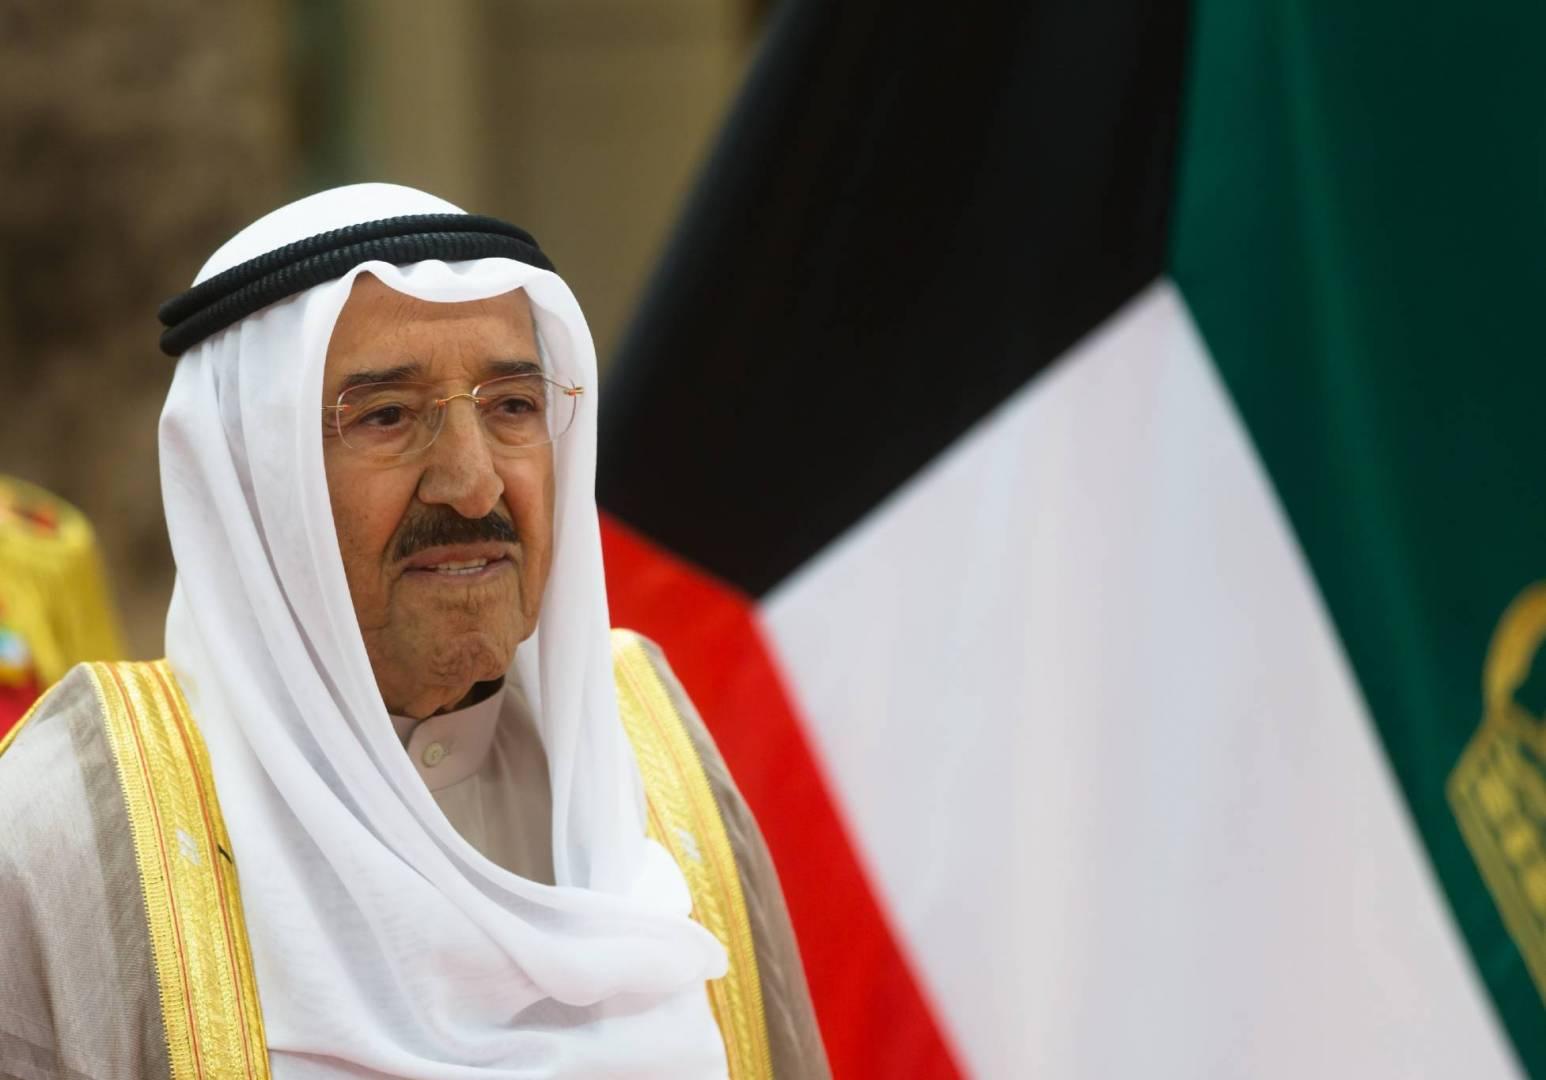 الأمير يوجِّه «التقدُّم العلمي» لرصد 10 ملايين دينار